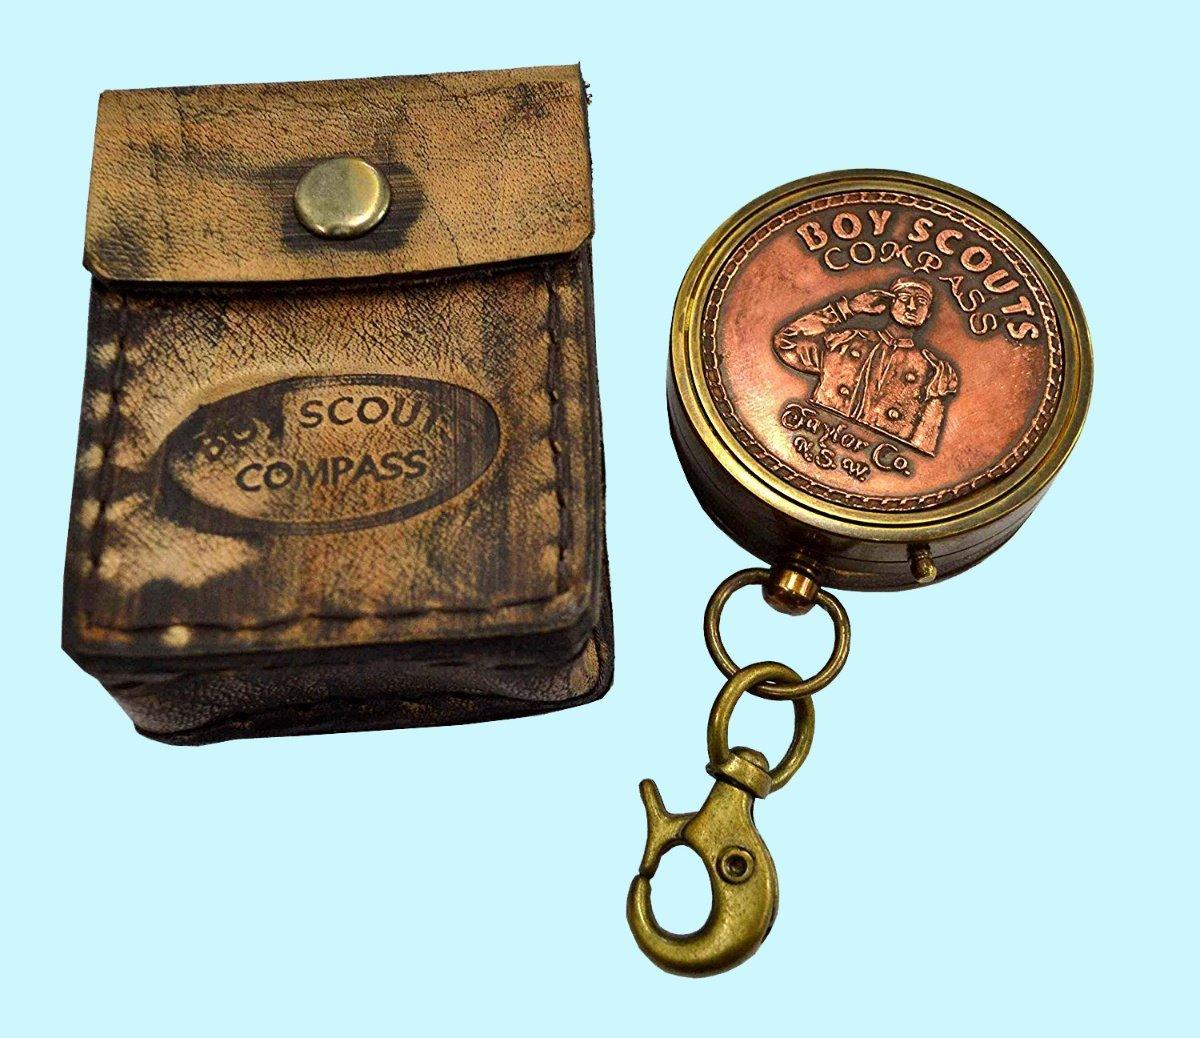 骨董品World Navigational Instrumentホーム飾りアンティークJaylor Co。k.s.w.ギフトアイテムソリッド銅&真鍮